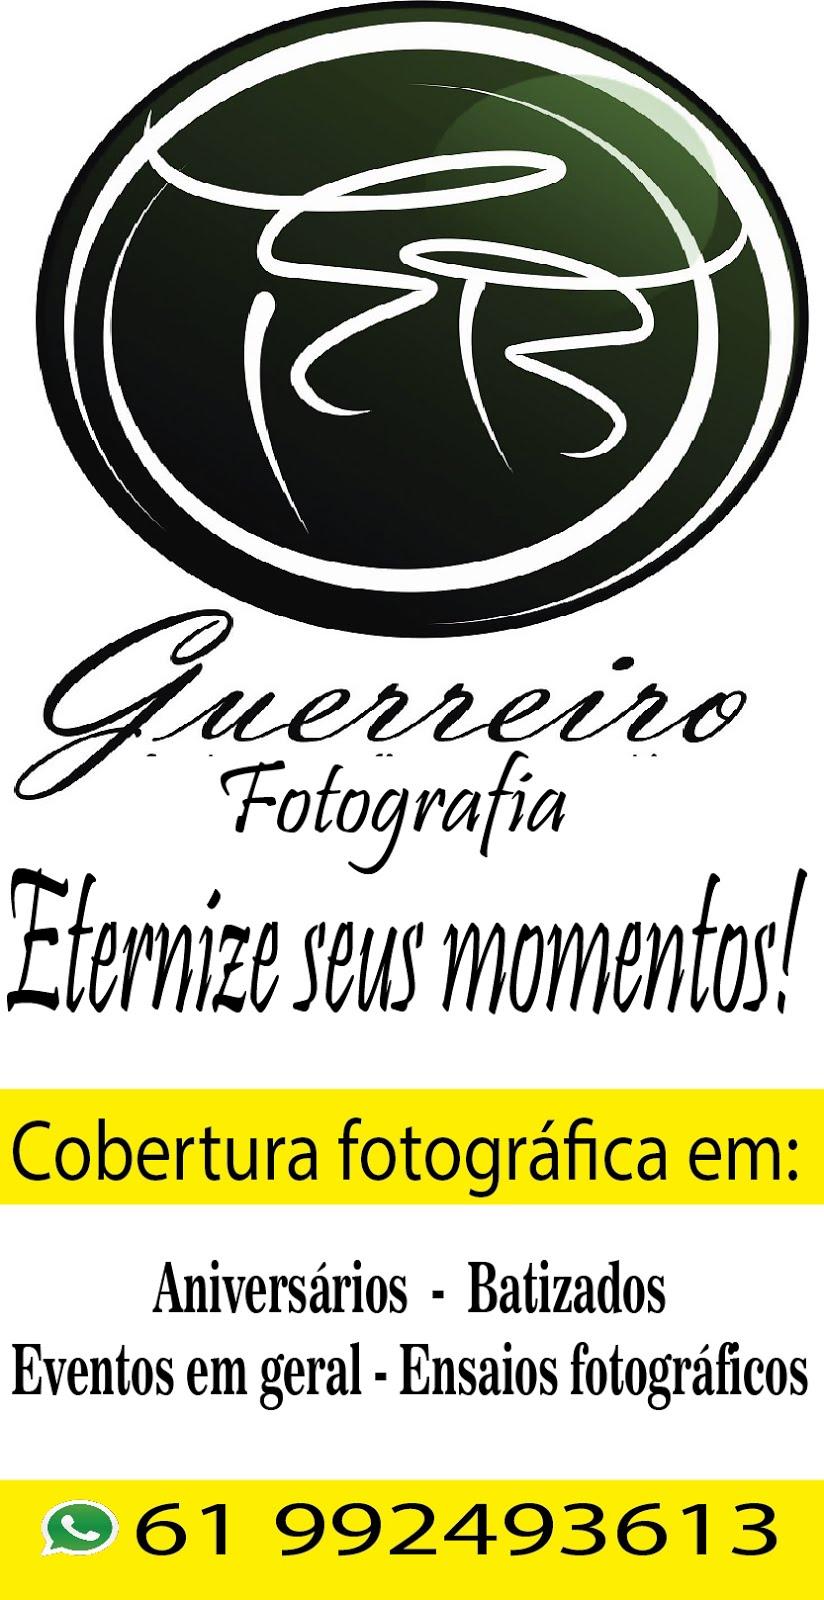 GUERREIRO FOTOGRAFIA